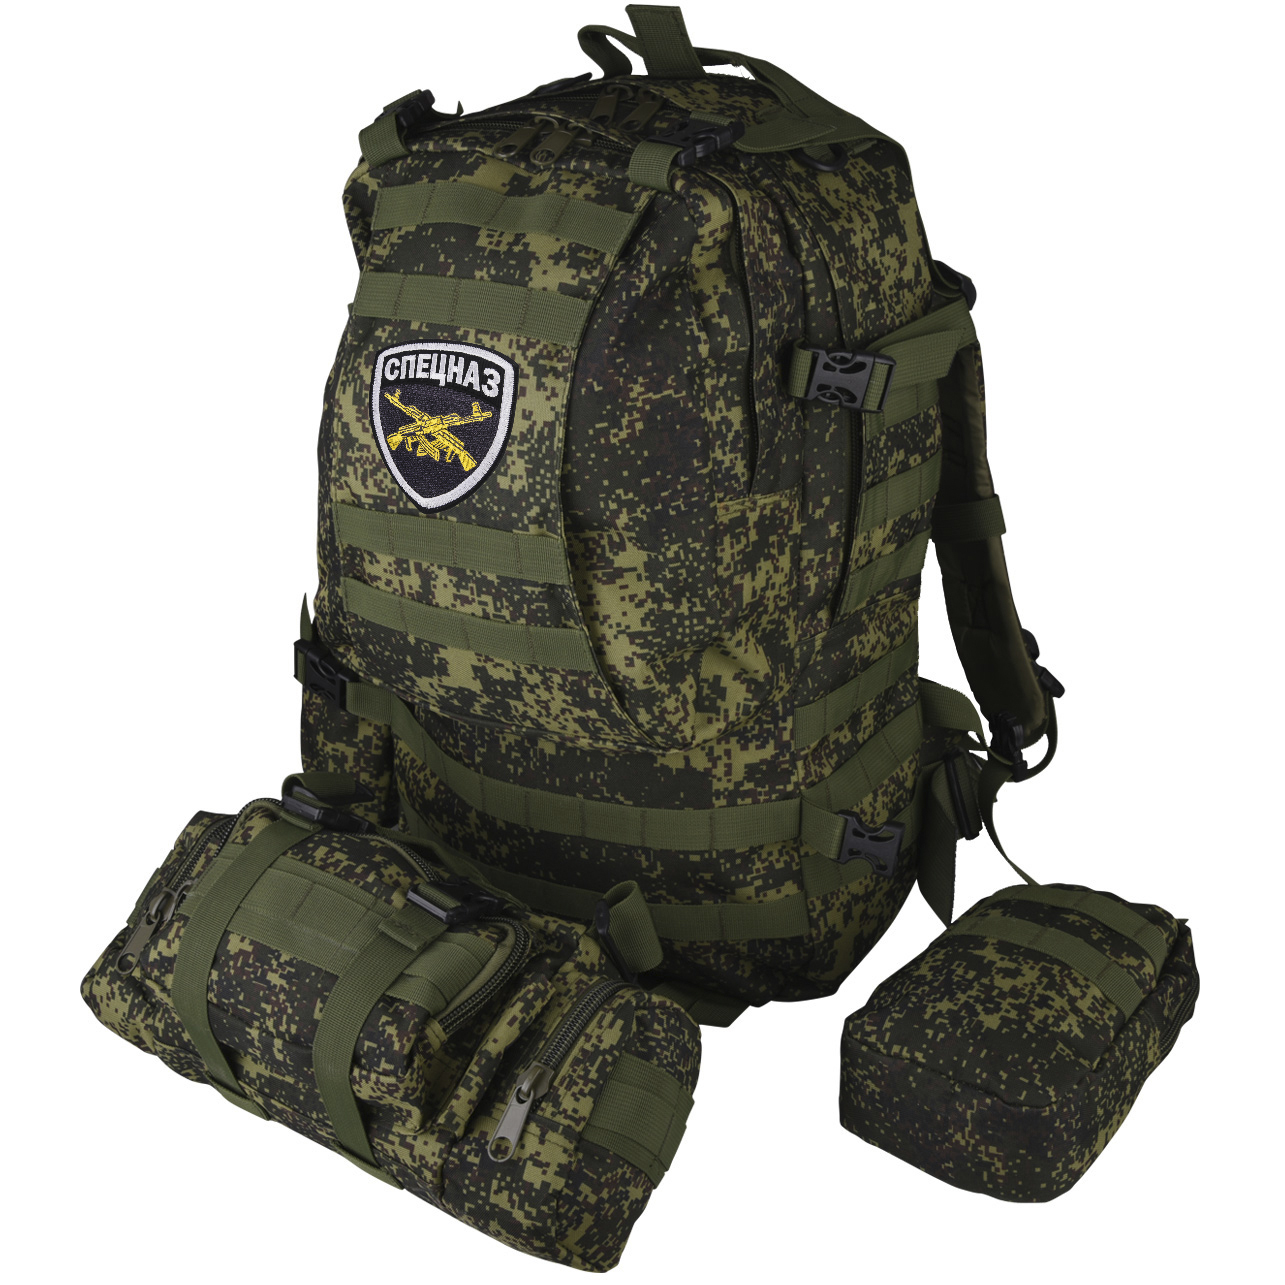 Тактический камуфляжный рюкзак с нашивкой Спецназ - купить в подарок